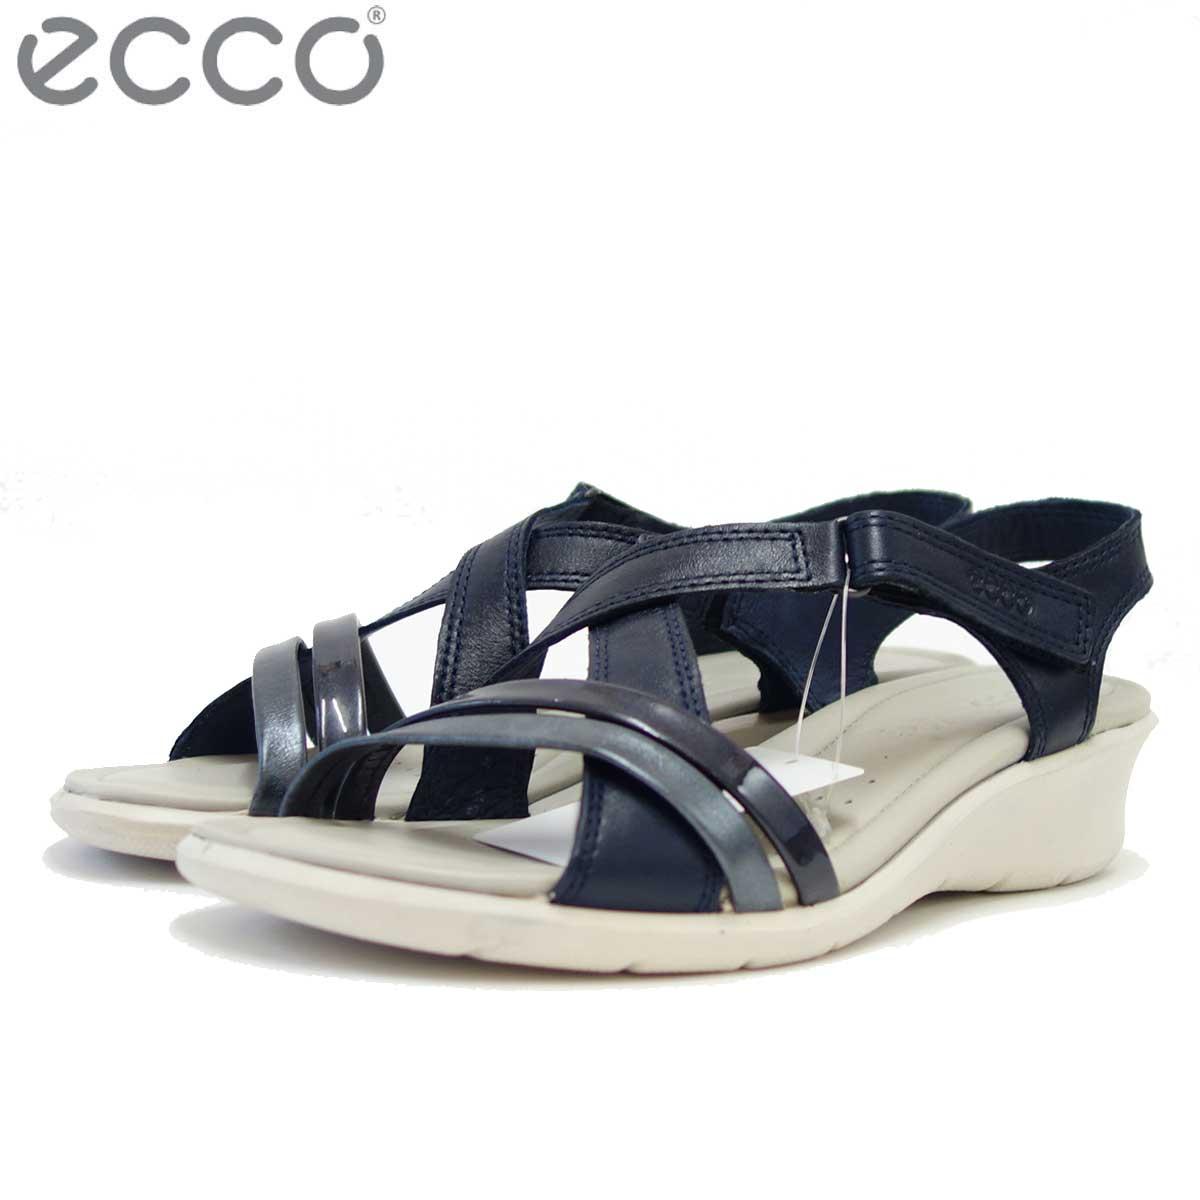 ECCO エコー 216513 ナイトスカイ 快適な履き心地のバックストラップサンダル(レディース) 「靴」